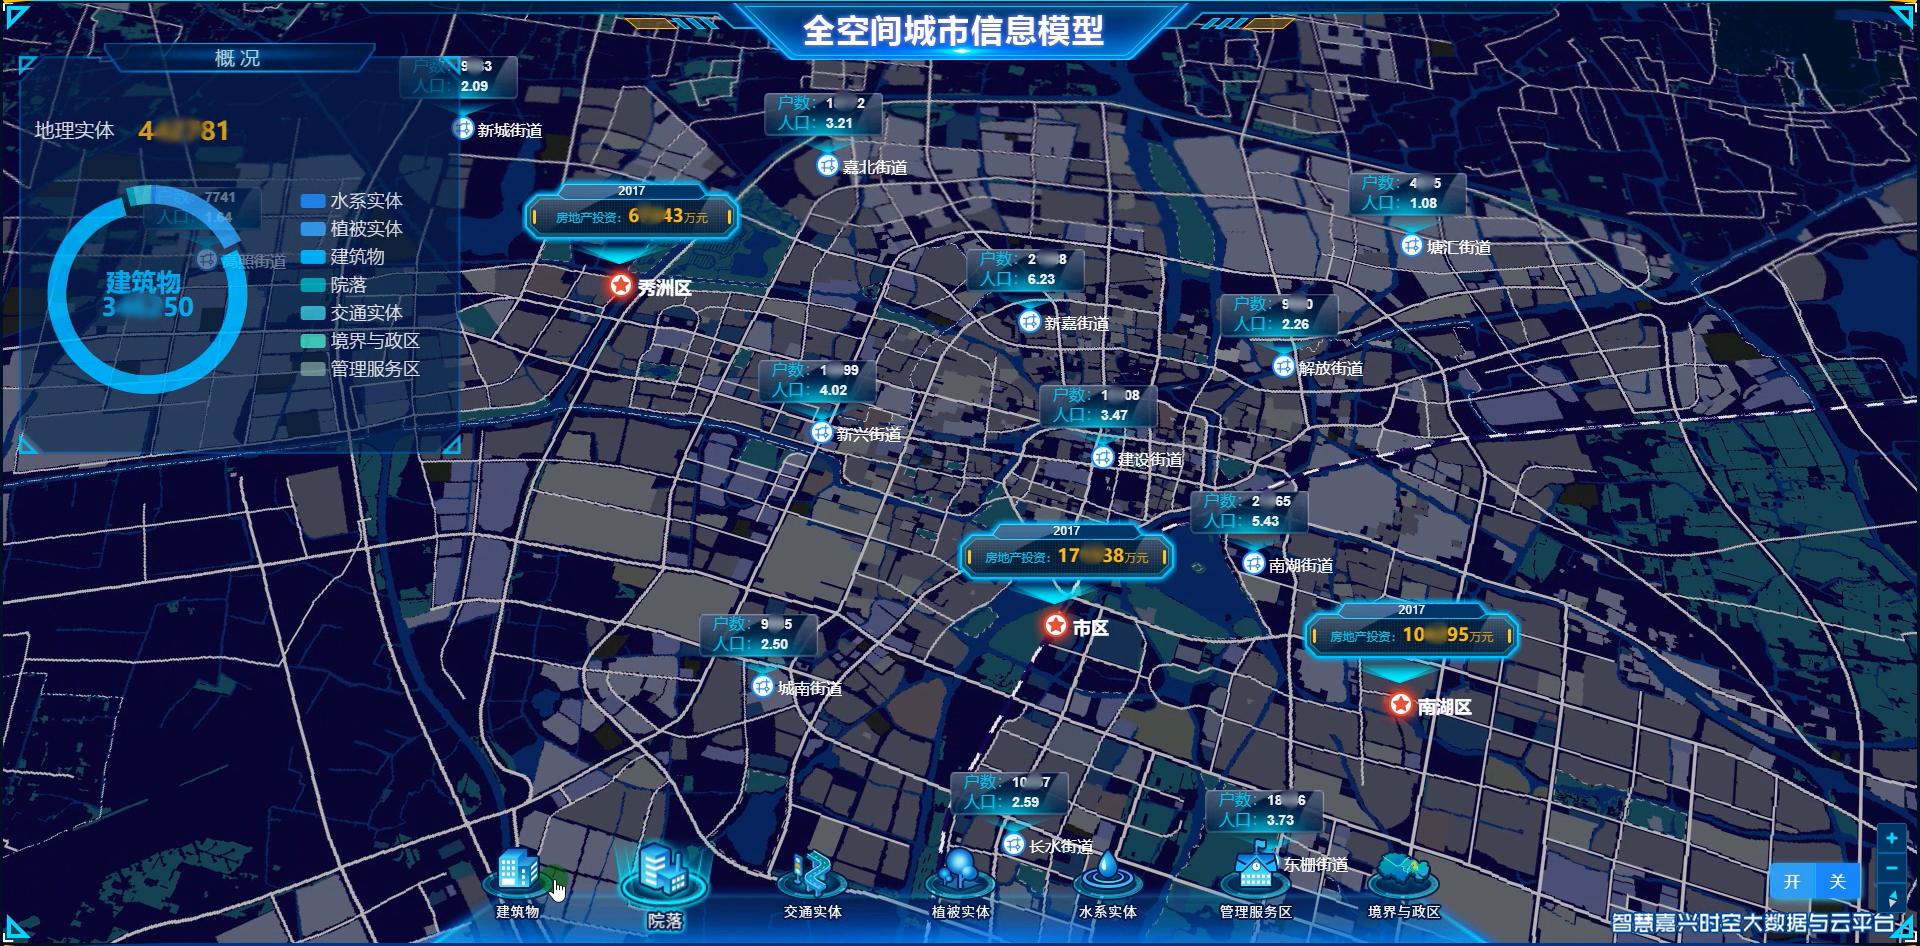 """1.智慧嘉兴""""城市脉动""""数据模糊图"""